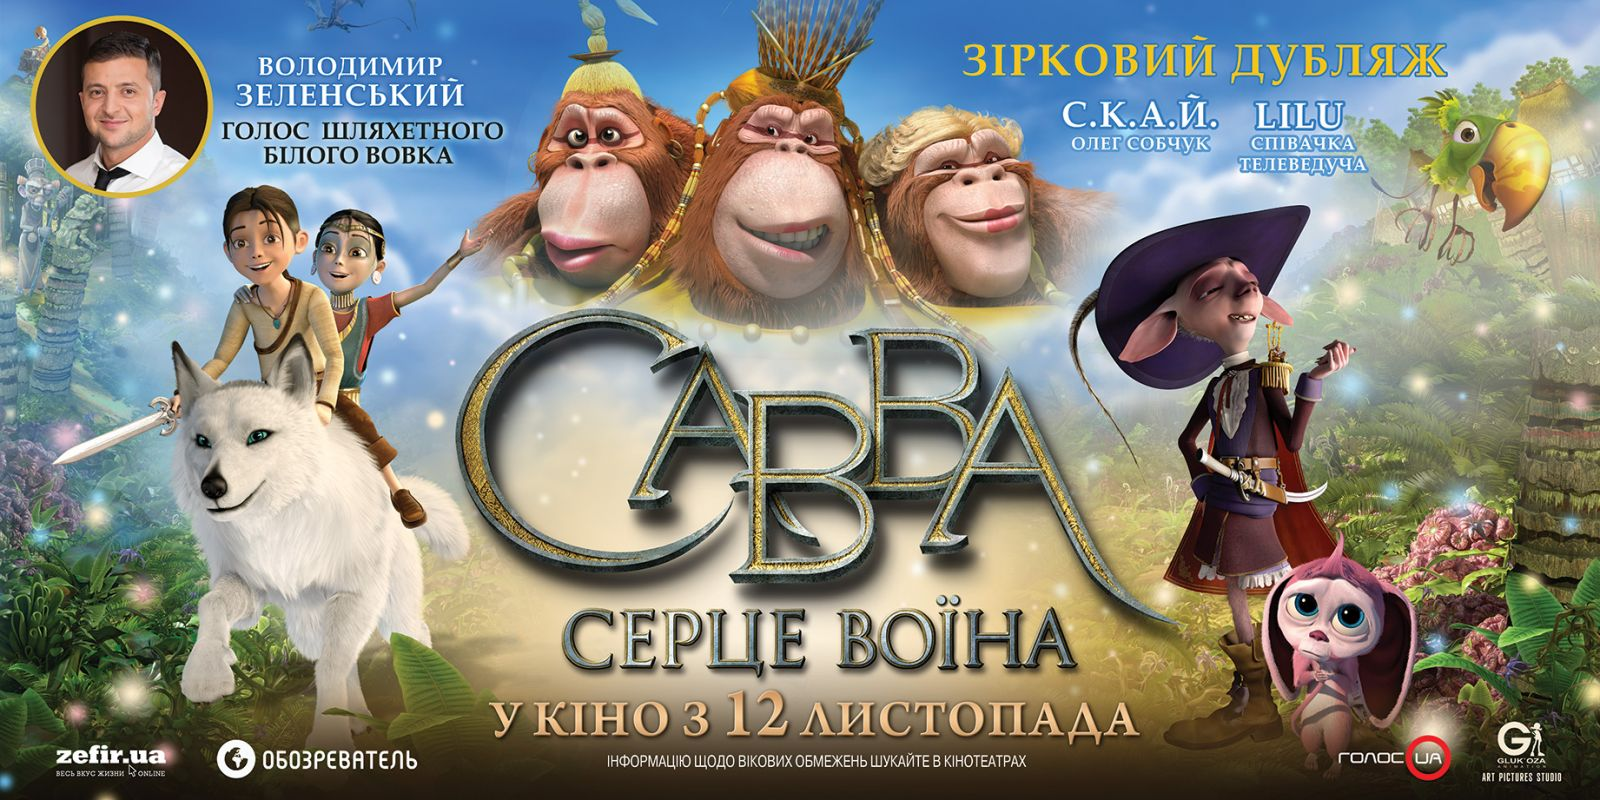 Владимир Зеленский озвучит мультфильм